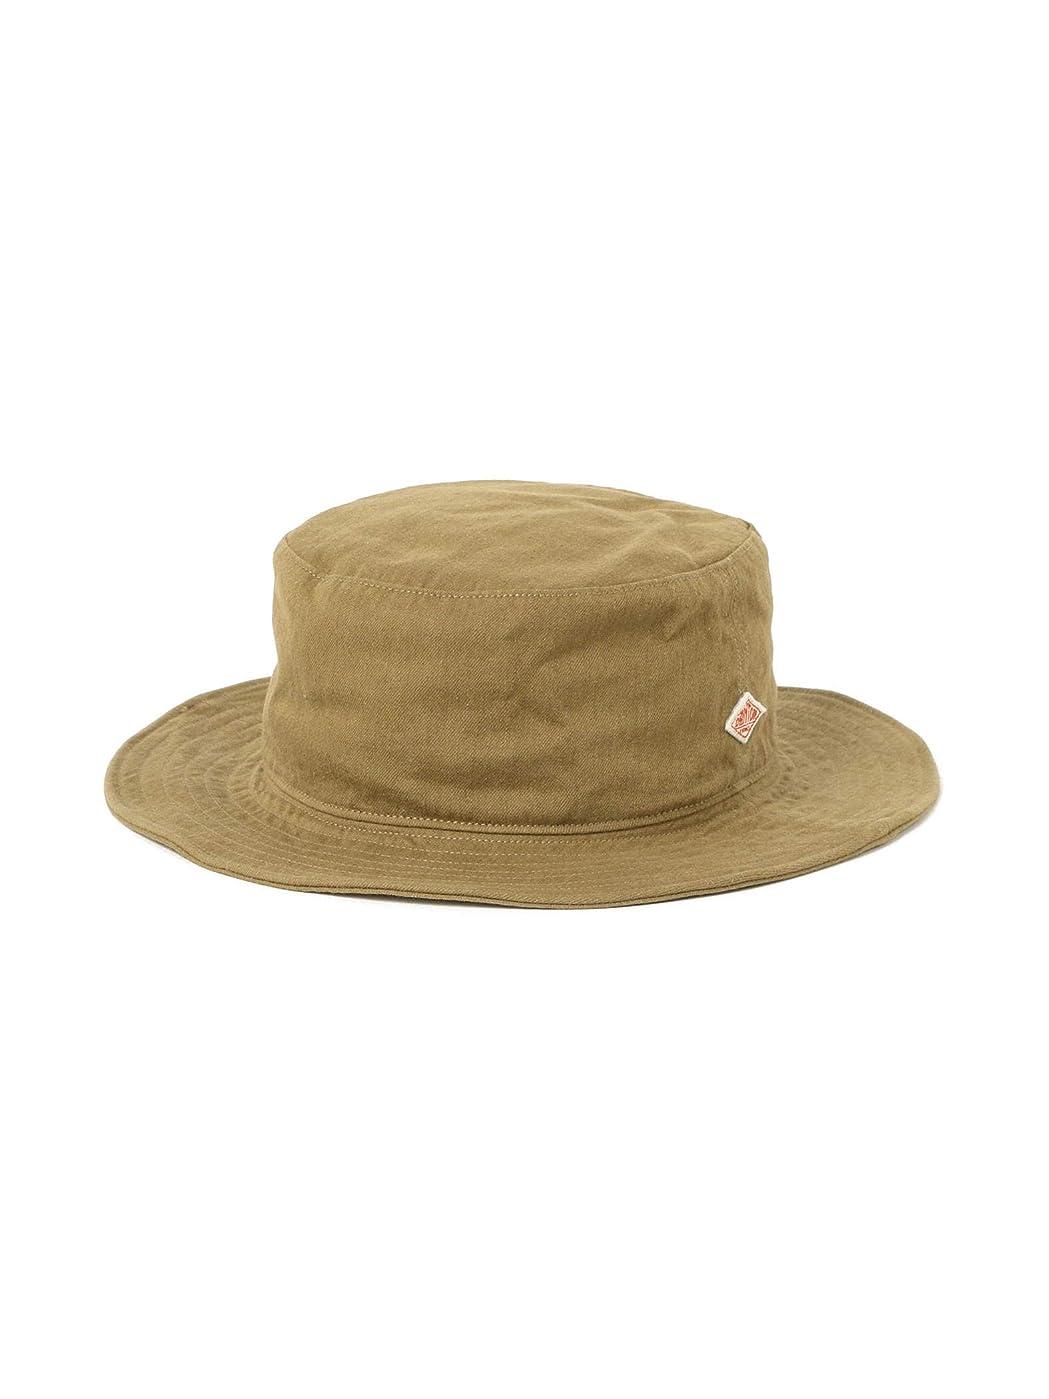 オーストラリア人ホバー登録する(レイビームス)Ray BEAMS/帽子 DANTON/コットン リネン ハット レディース